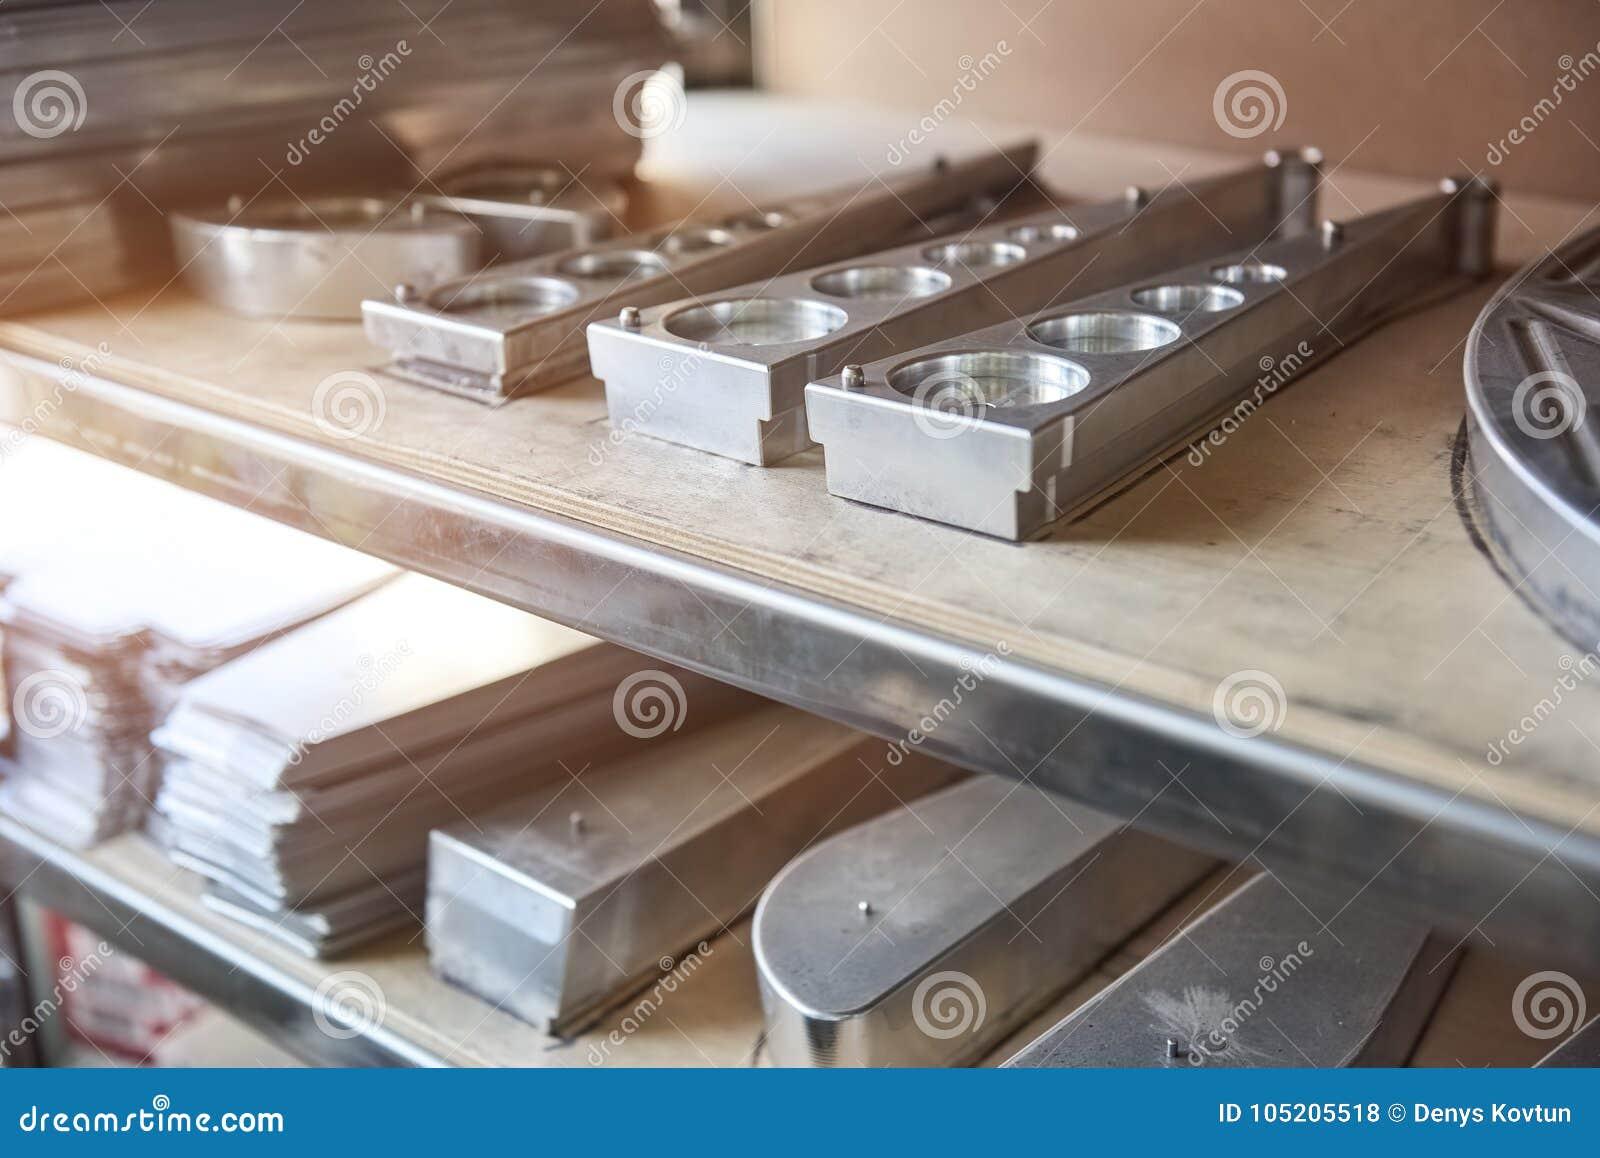 Rostfritt ståldelar på hylla